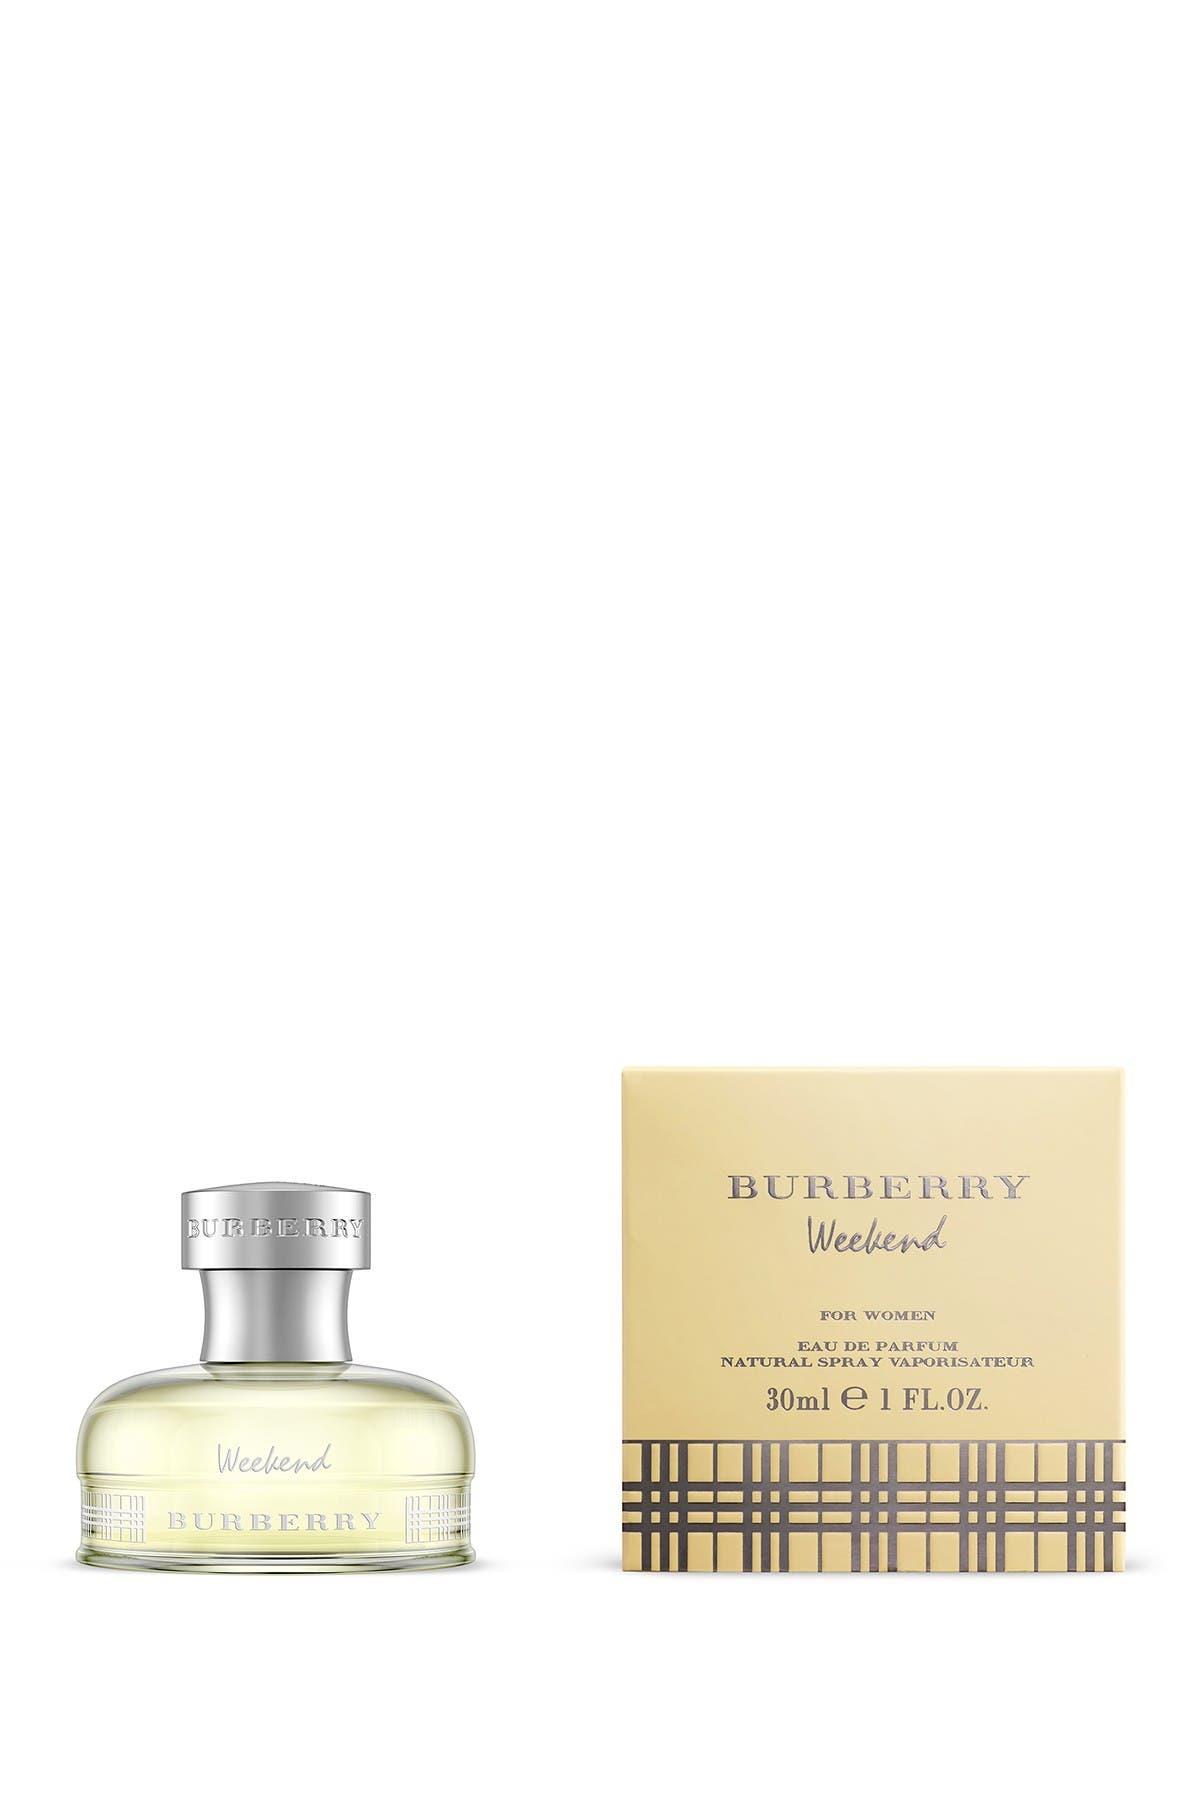 Image of Burberry Weekend for Women Eau de Parfum - 1.0 fl oz.